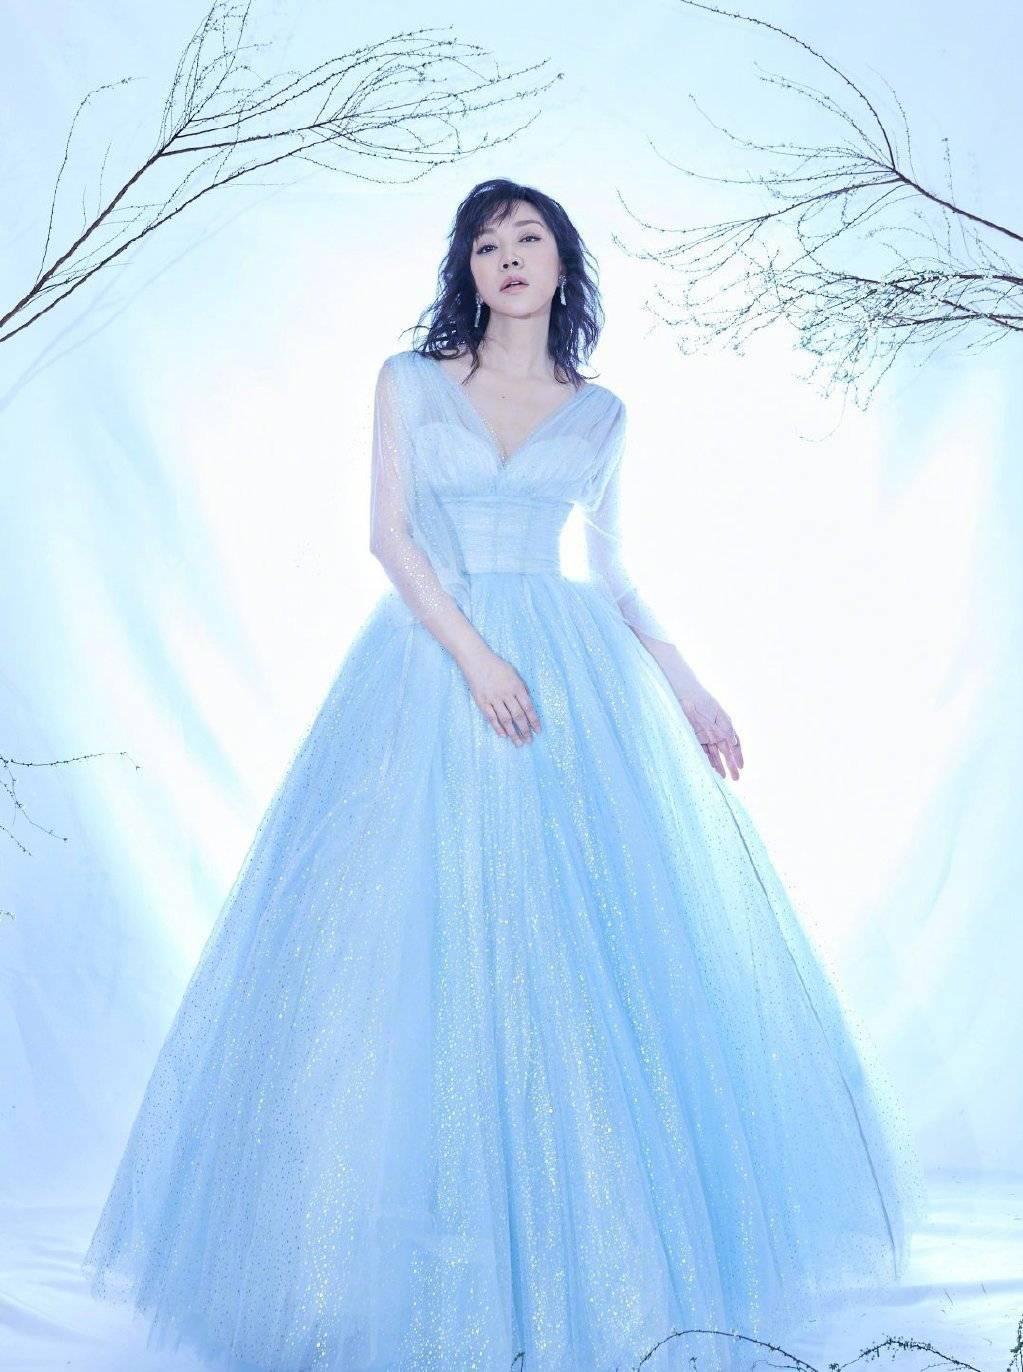 49岁闫妮气场全开,穿银河闪耀纱裙秀曲线,深V超迷人